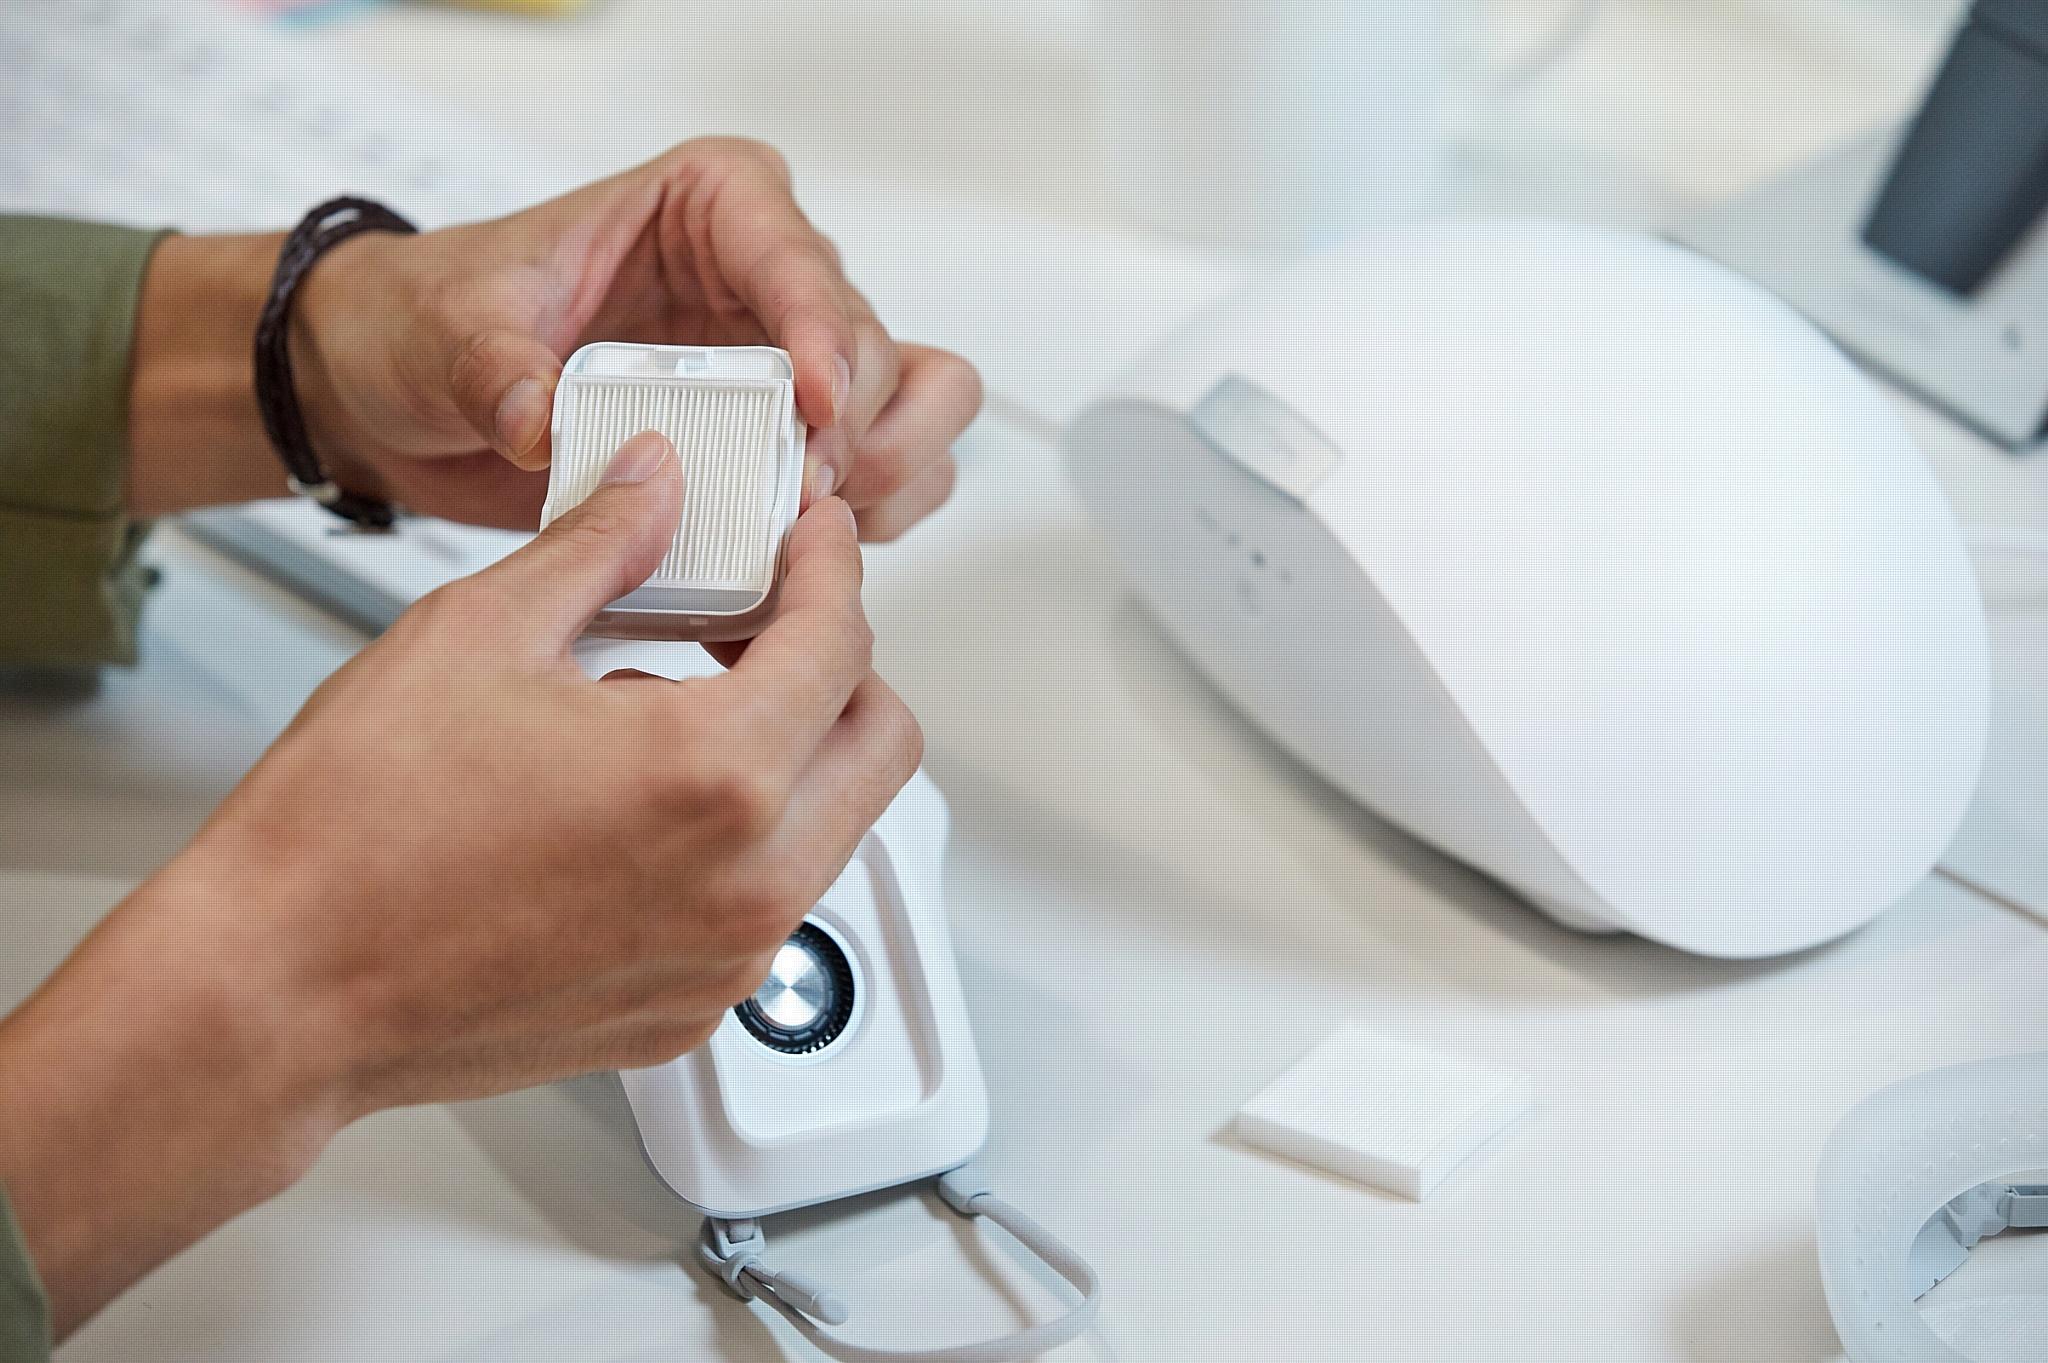 LG начинает глобальные продажи носимого очистителя воздуха LG PuriCare